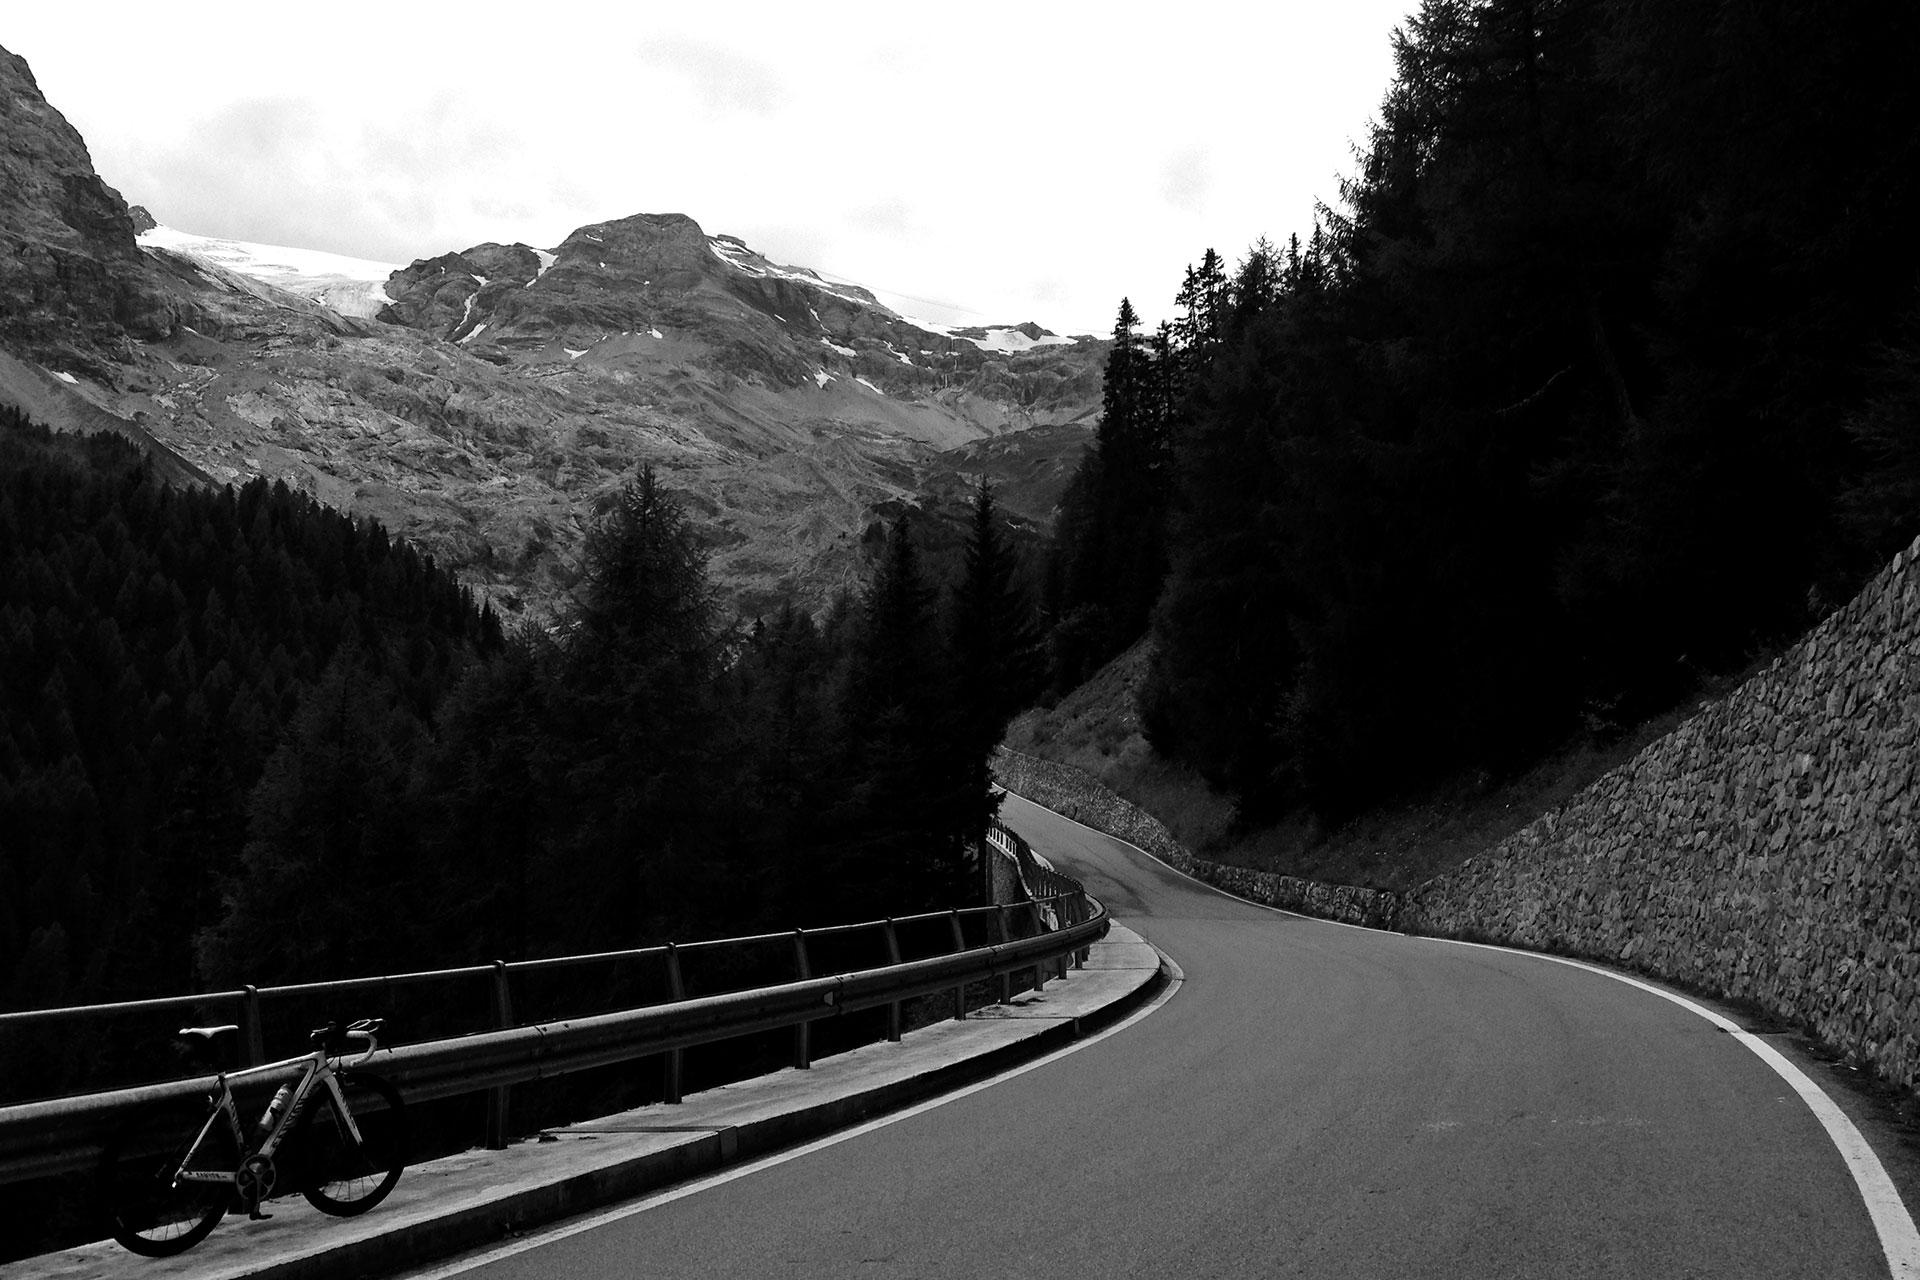 DAS STILFSER JOCH 48 Kehren in Fels gemeisselt / Immer steiler wird die Passstrasse ins Trafoital © stefandrexl.de